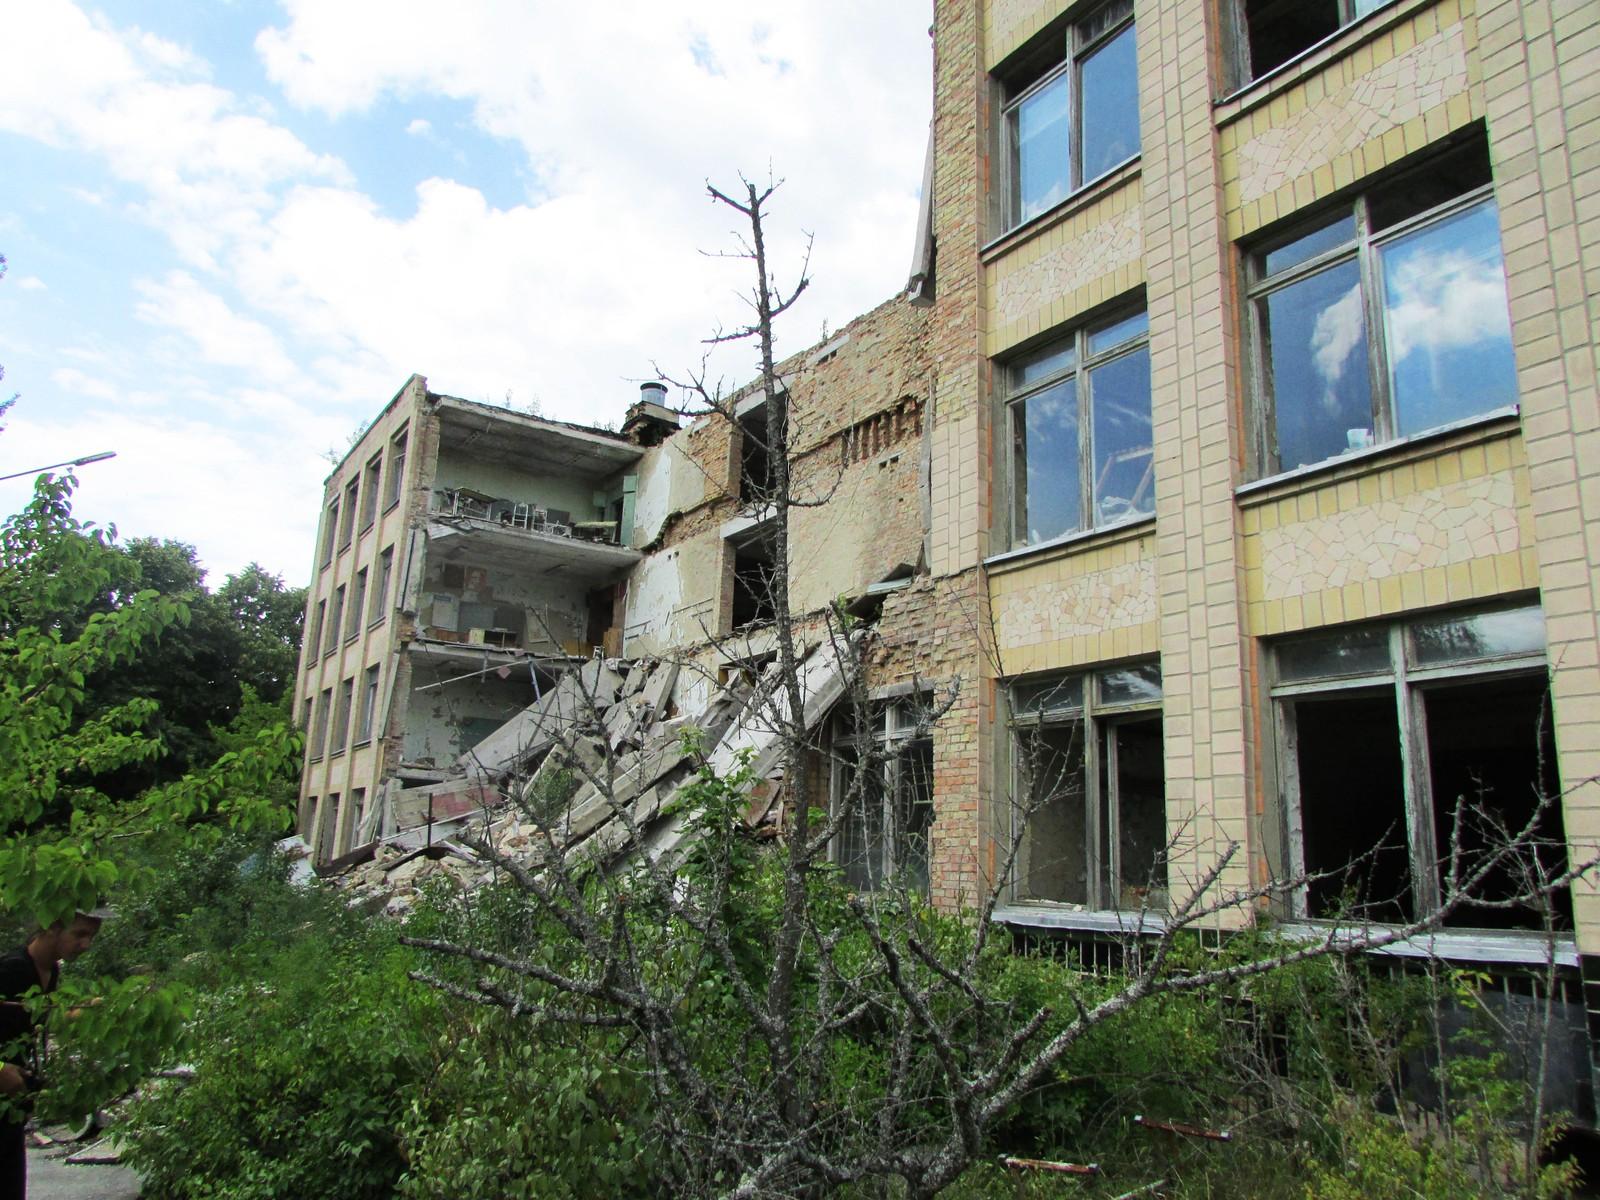 Etter at deler av skole nummer en kollapset i 2012 er det blitt forbudt å gå inn i bygningene i Pripyat.